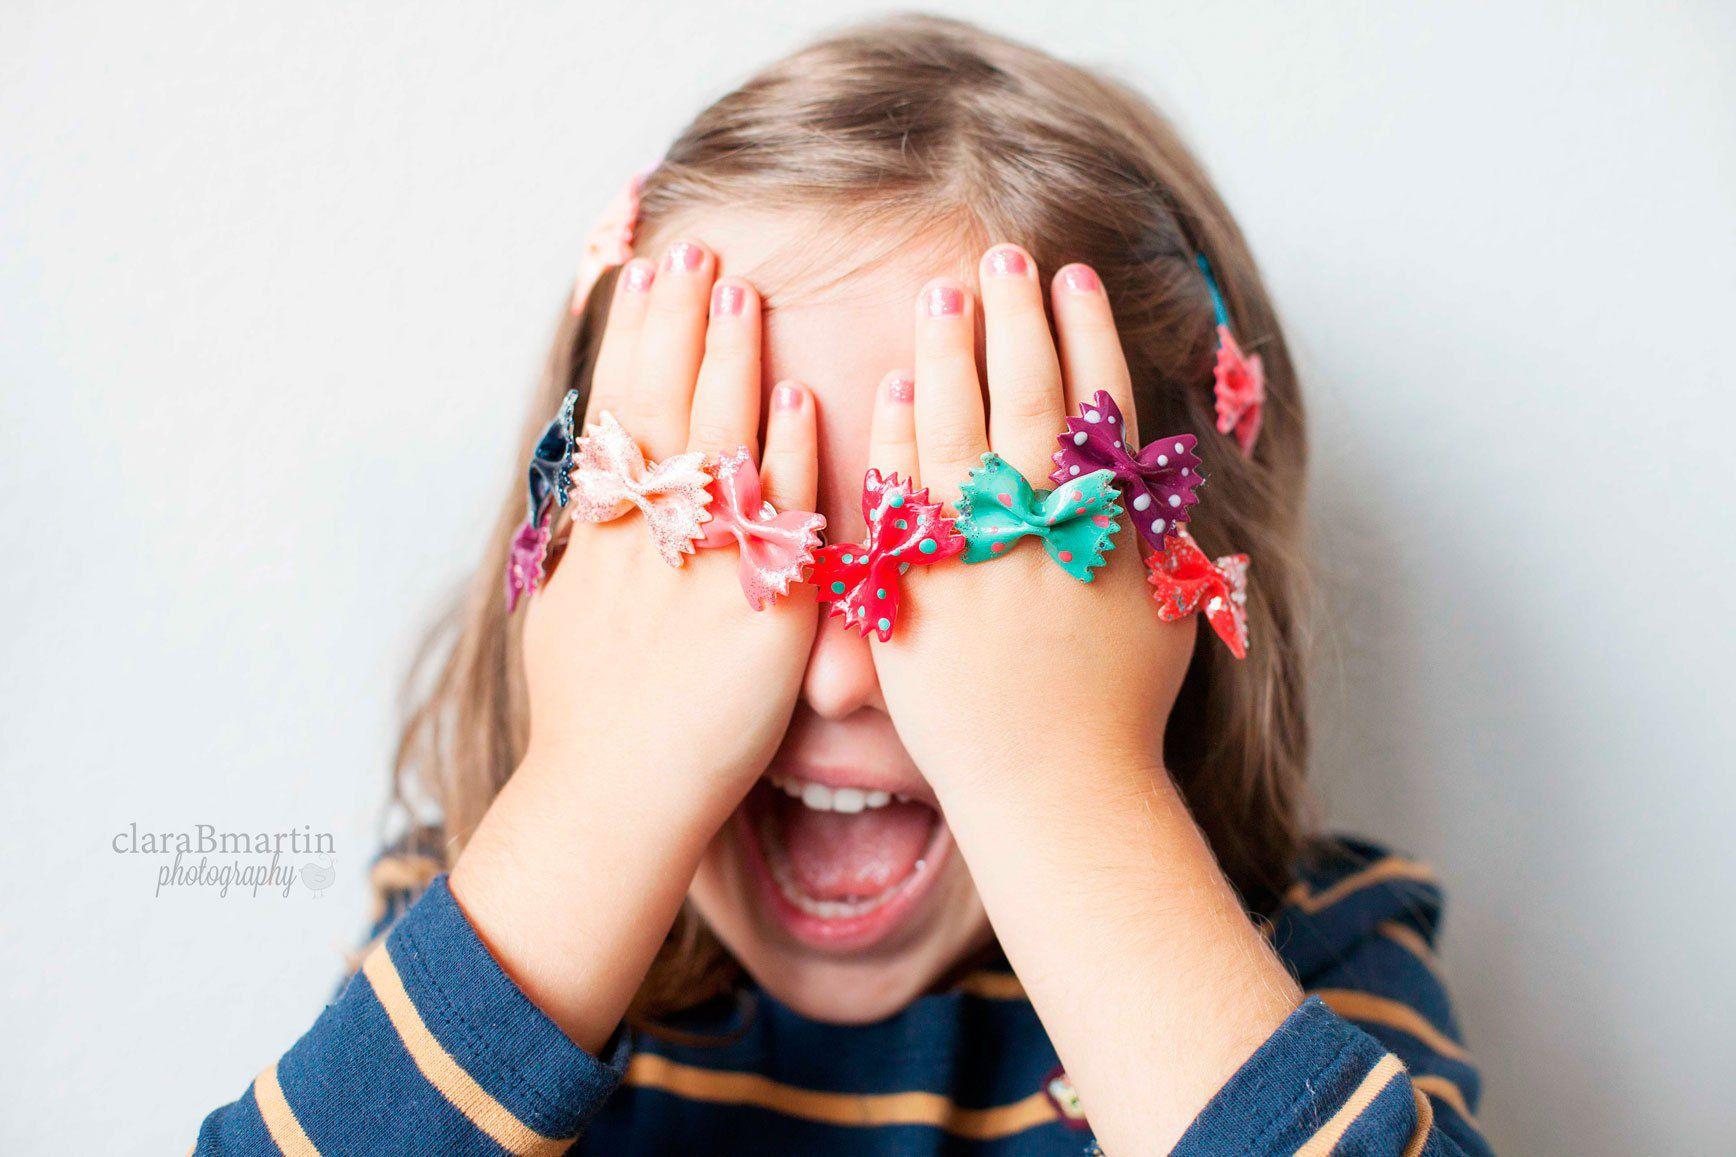 детское идеи занятия поделок макарон подарки кольца друзей для детьми детей подарков творчество сделай сам